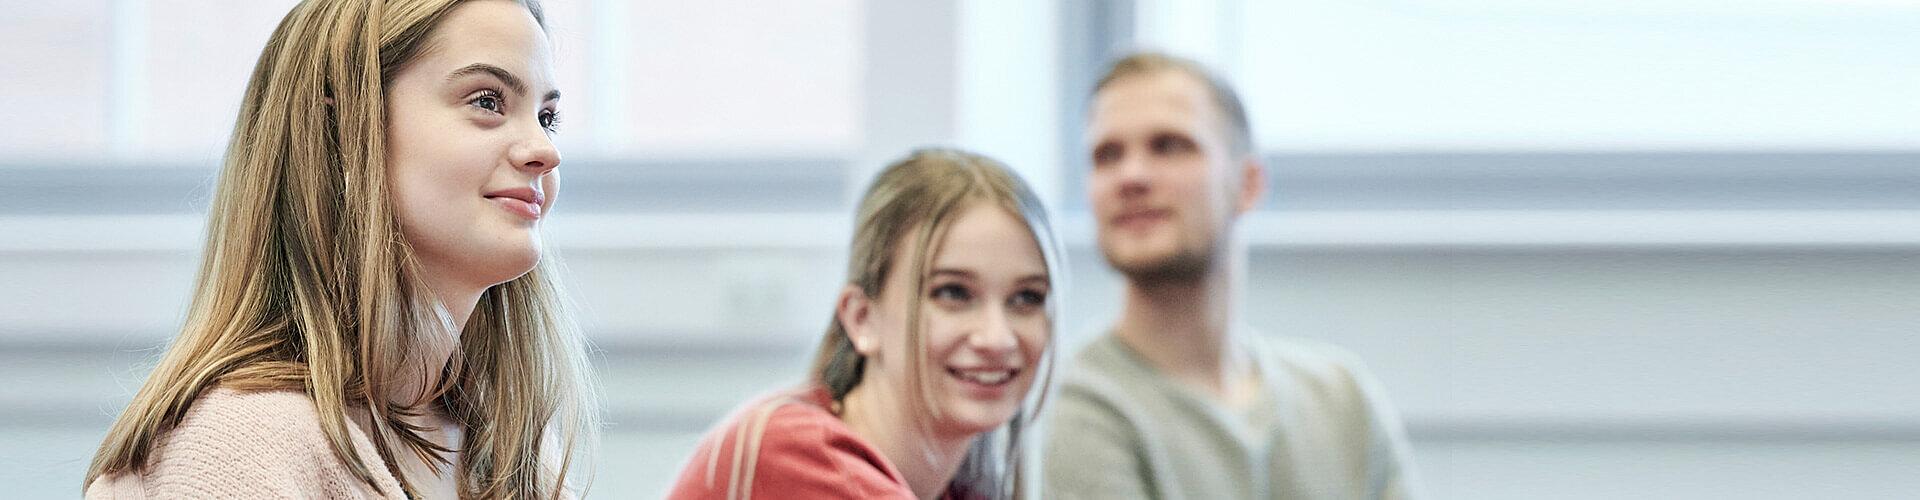 Infogespräch: Studiengang kennenlernen